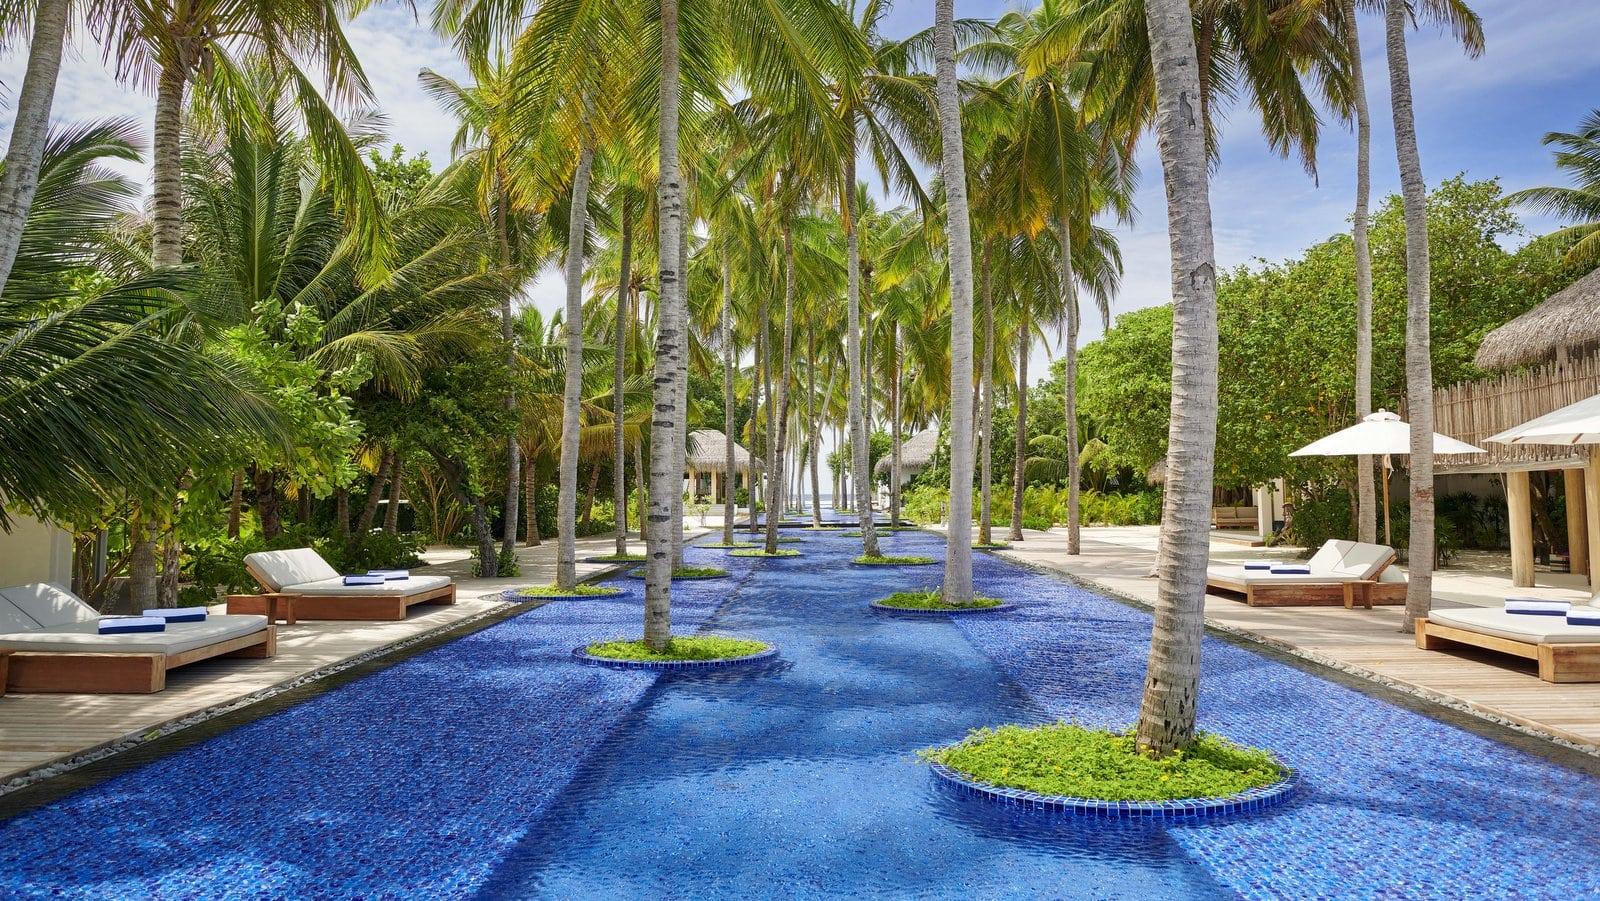 Мальдивы, отель Fairmont Maldives Sirru Fen Fushi, бассейн